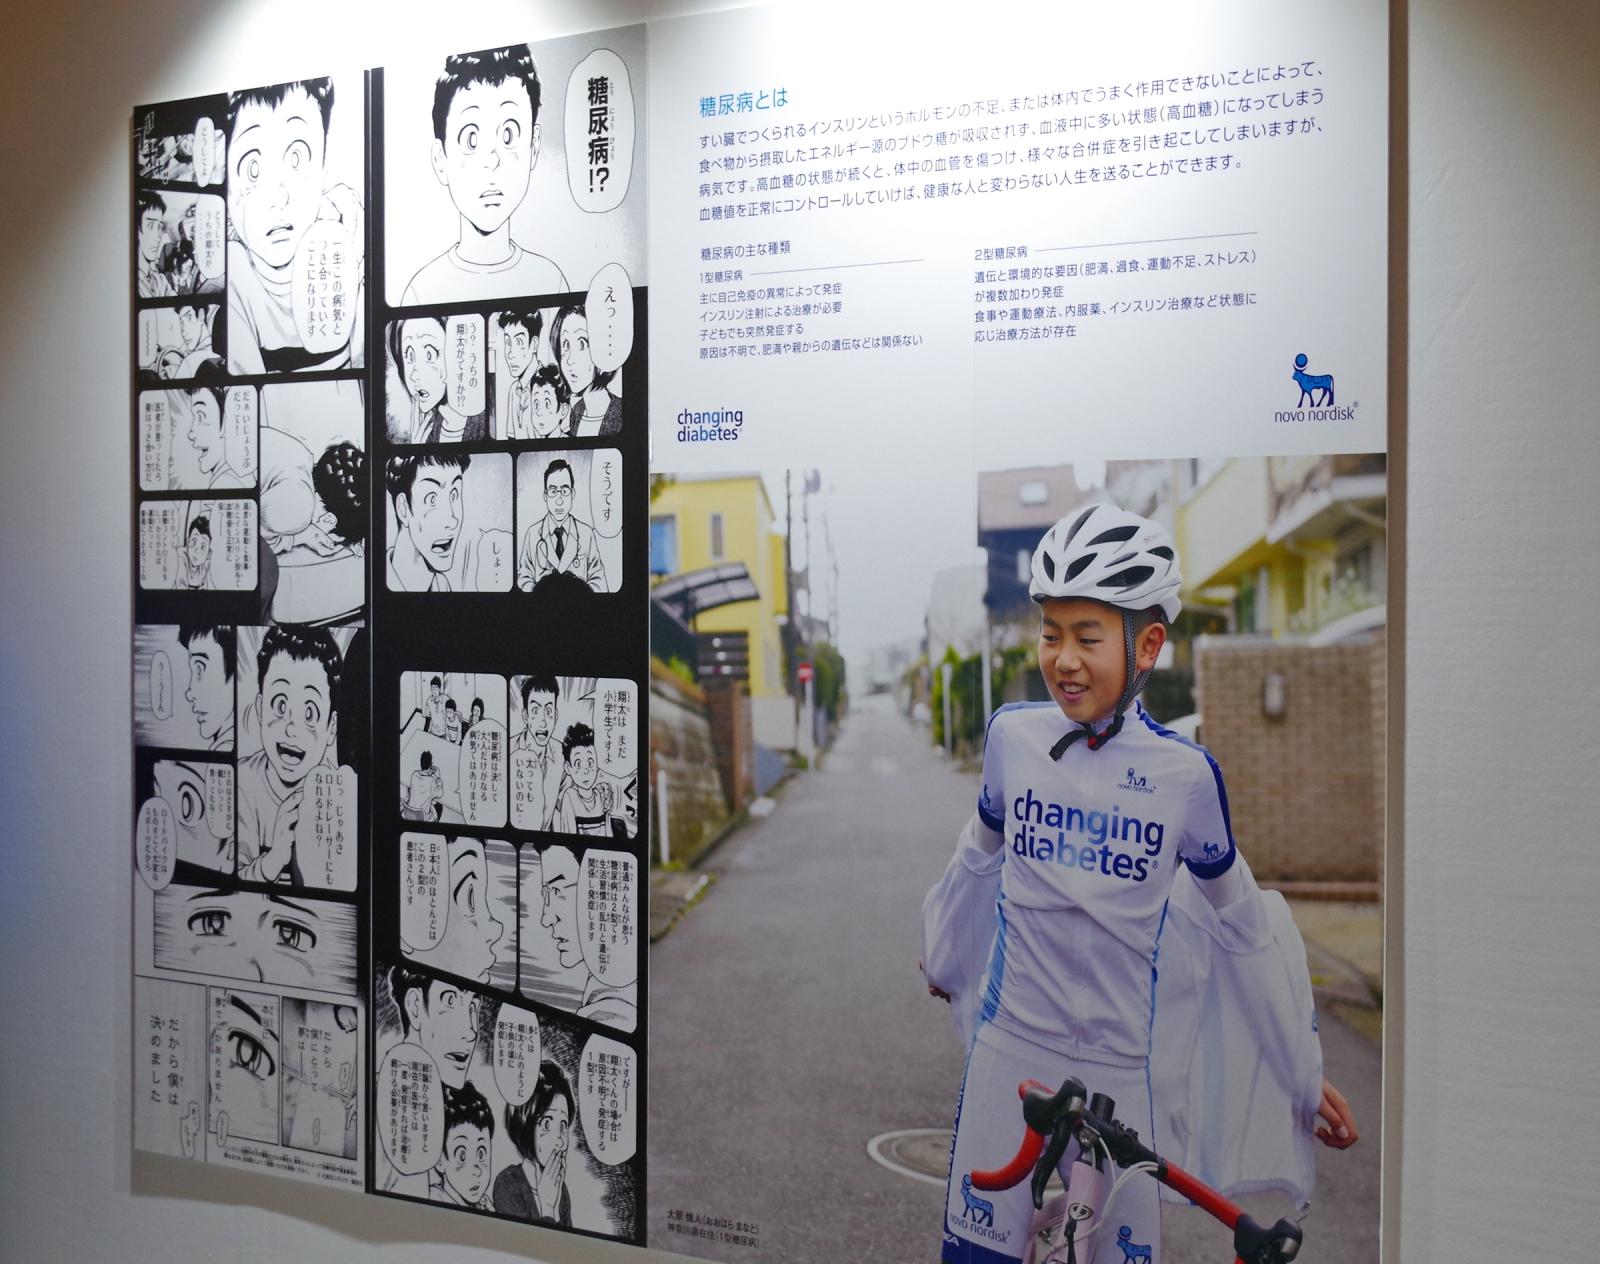 [編集部補足:(大原)慎人 君は10歳のときに1型糖尿病と診断されましたが、チーム ノボ ノルディスクのことを知り勇気をもらい、プロサイクリストになる夢を持って、チームのイベントにも参加するなどしています。この日も父親とイベントに参加していました。